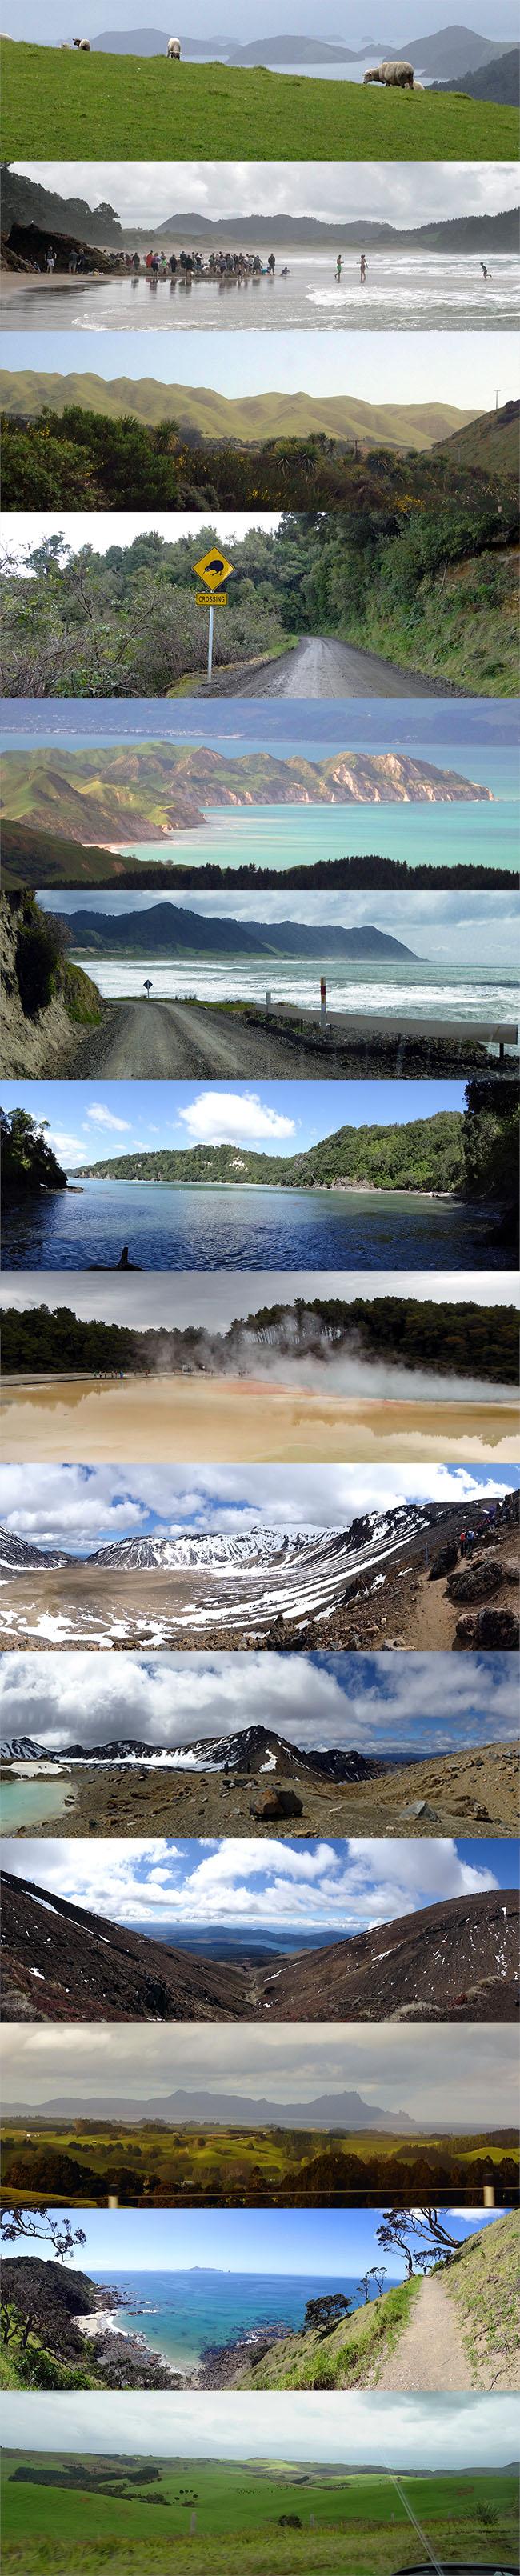 Neuseeland 2016 by Seitvertreib